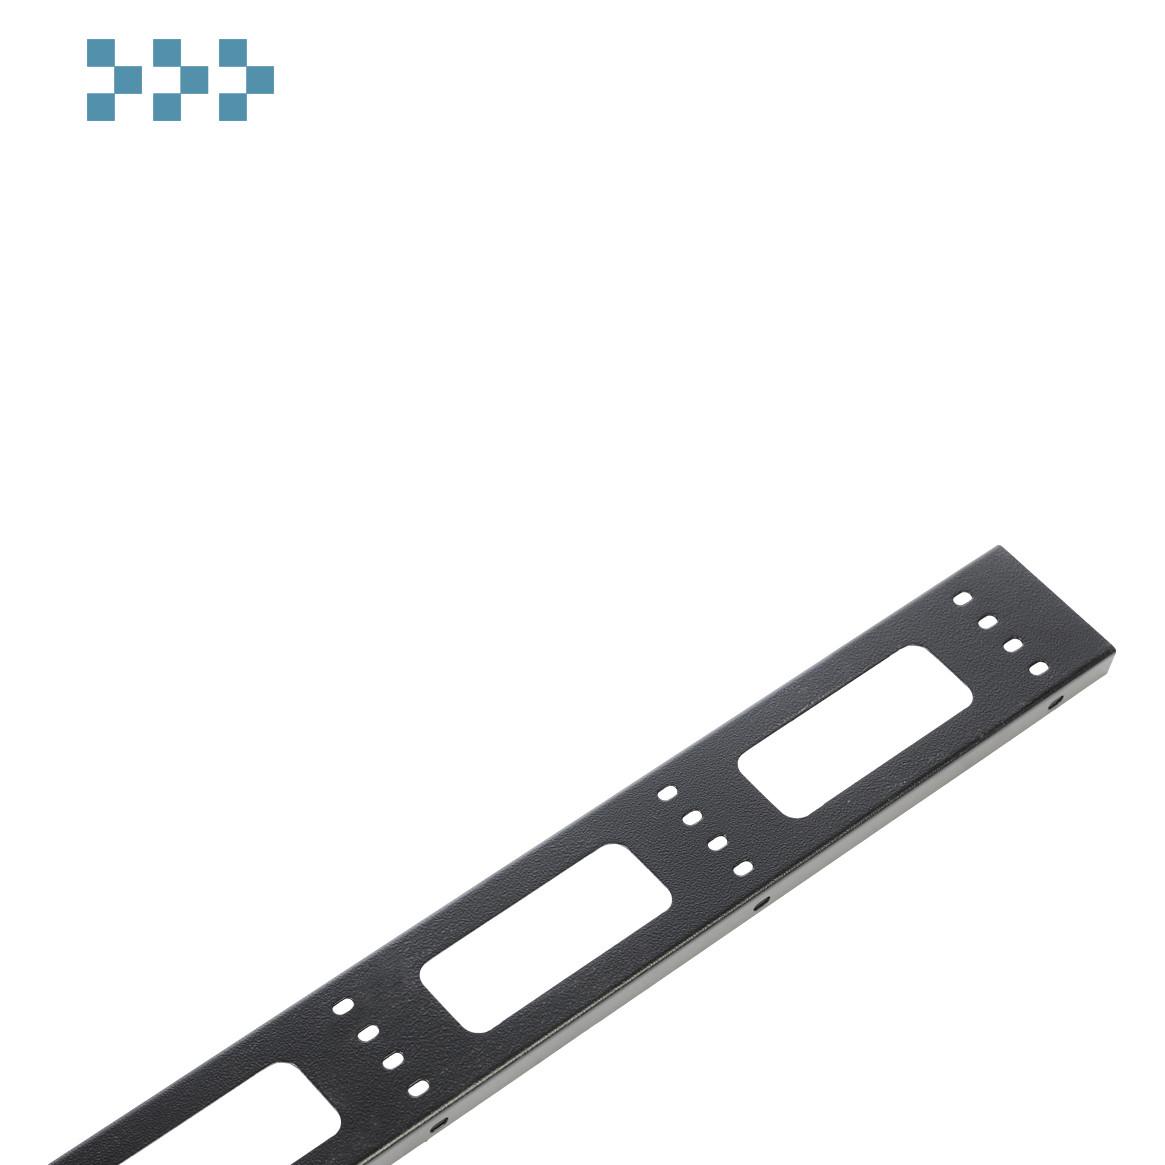 Органайзер кабельный ЦМО ВКО-СТК-49-9005